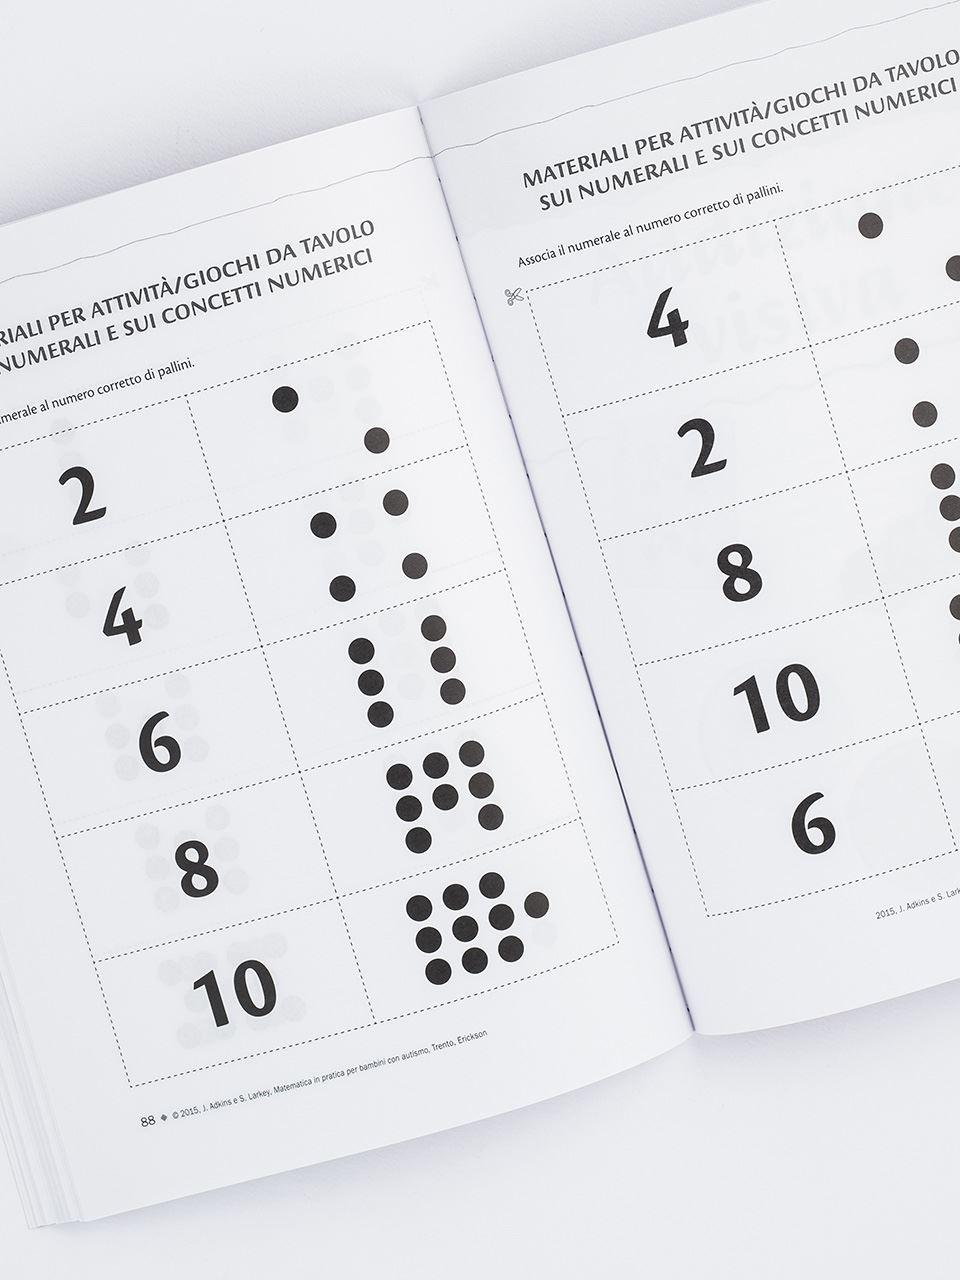 Matematica in pratica per bambini con autismo - Libri - Erickson 2